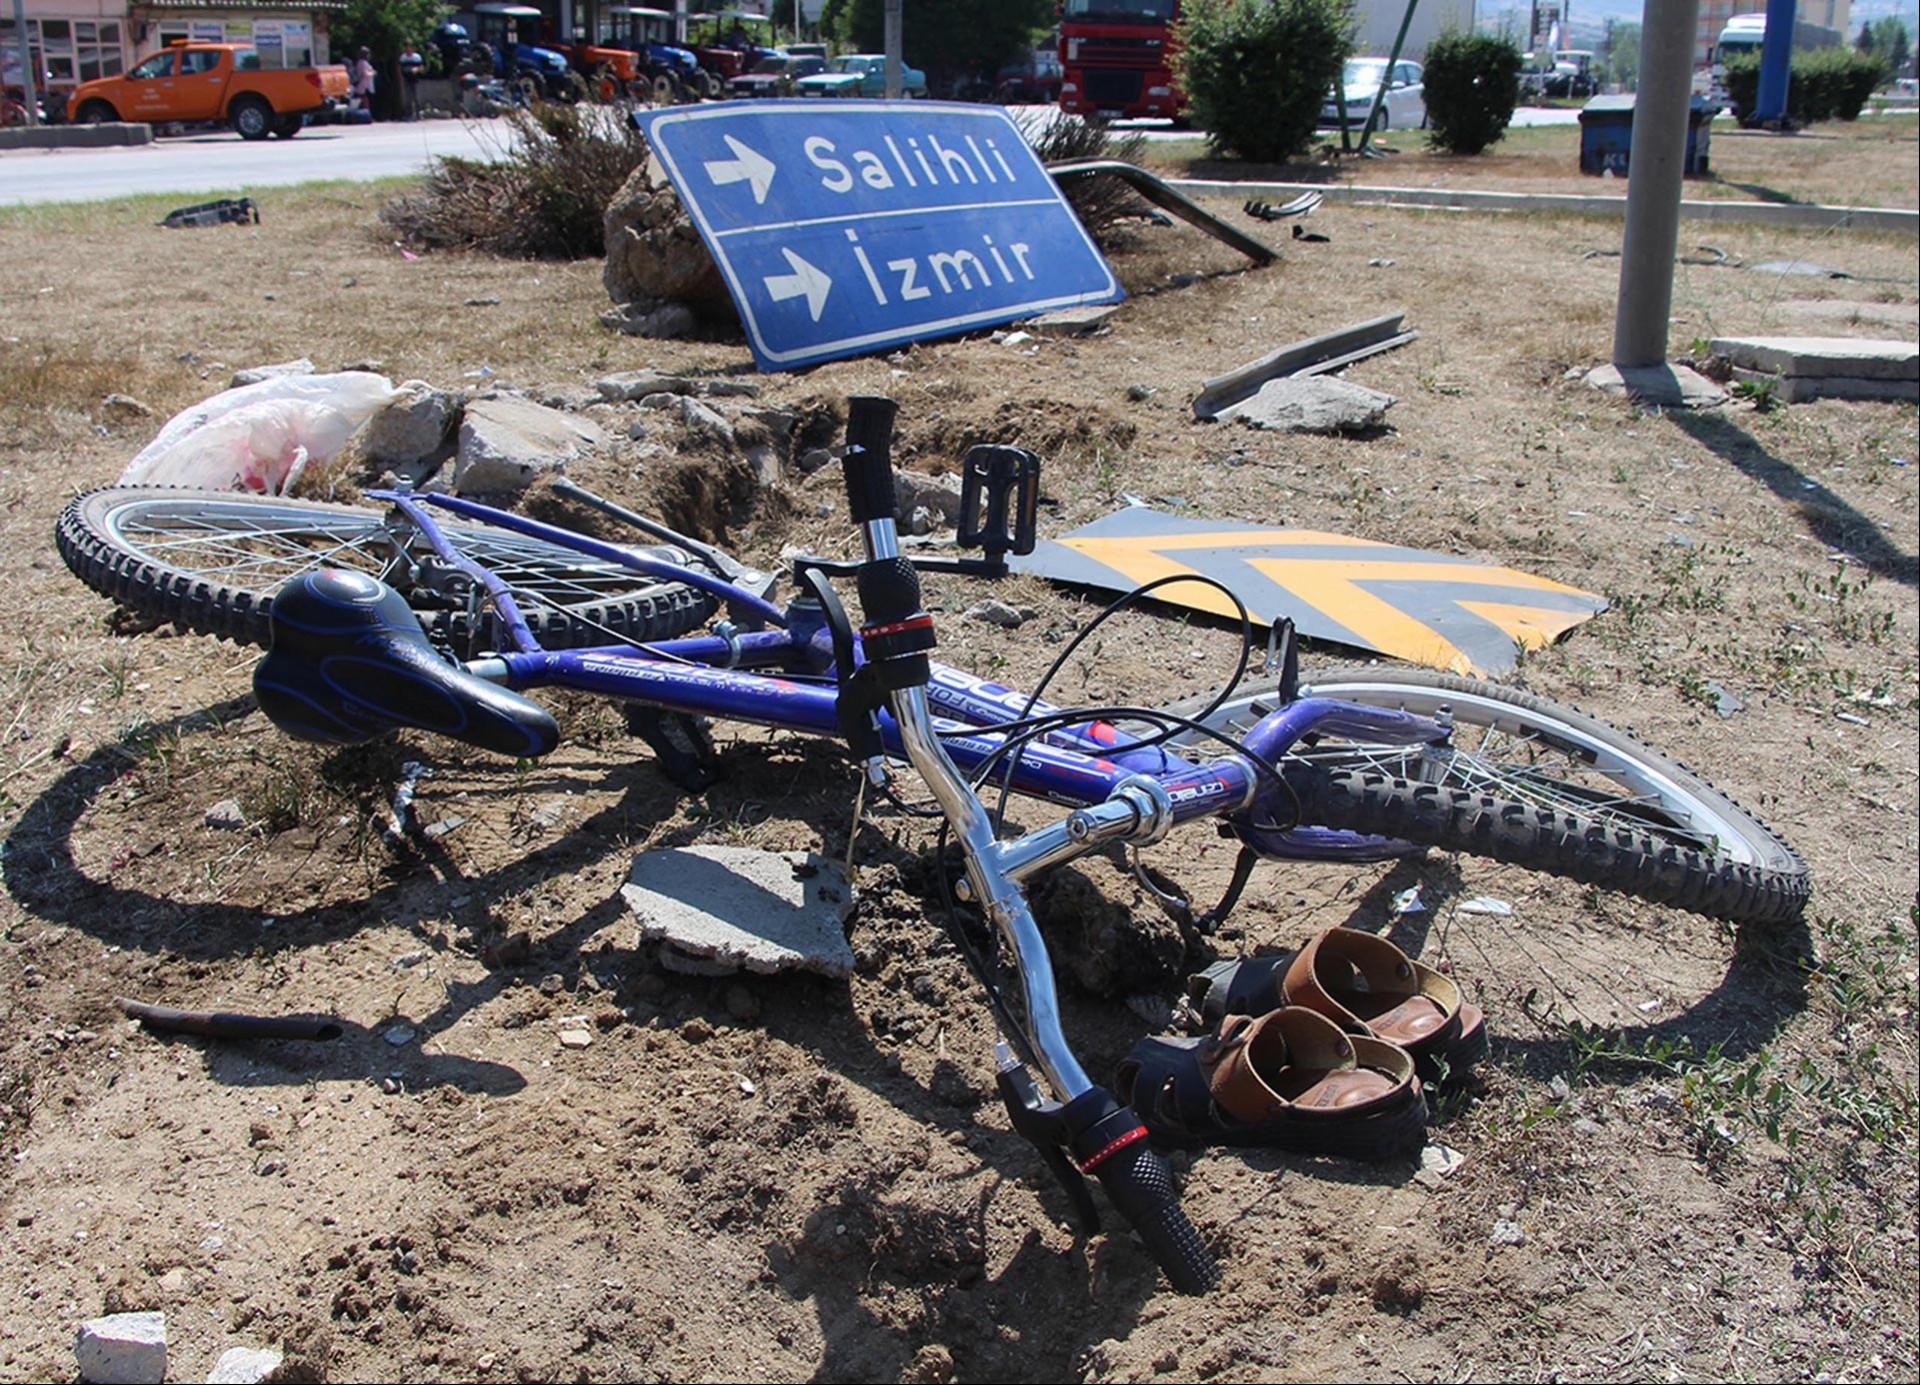 Otomobilin çarptığı 10 yaşındaki bisikletli çocuk öldü, sürücü serbest bırakıldı